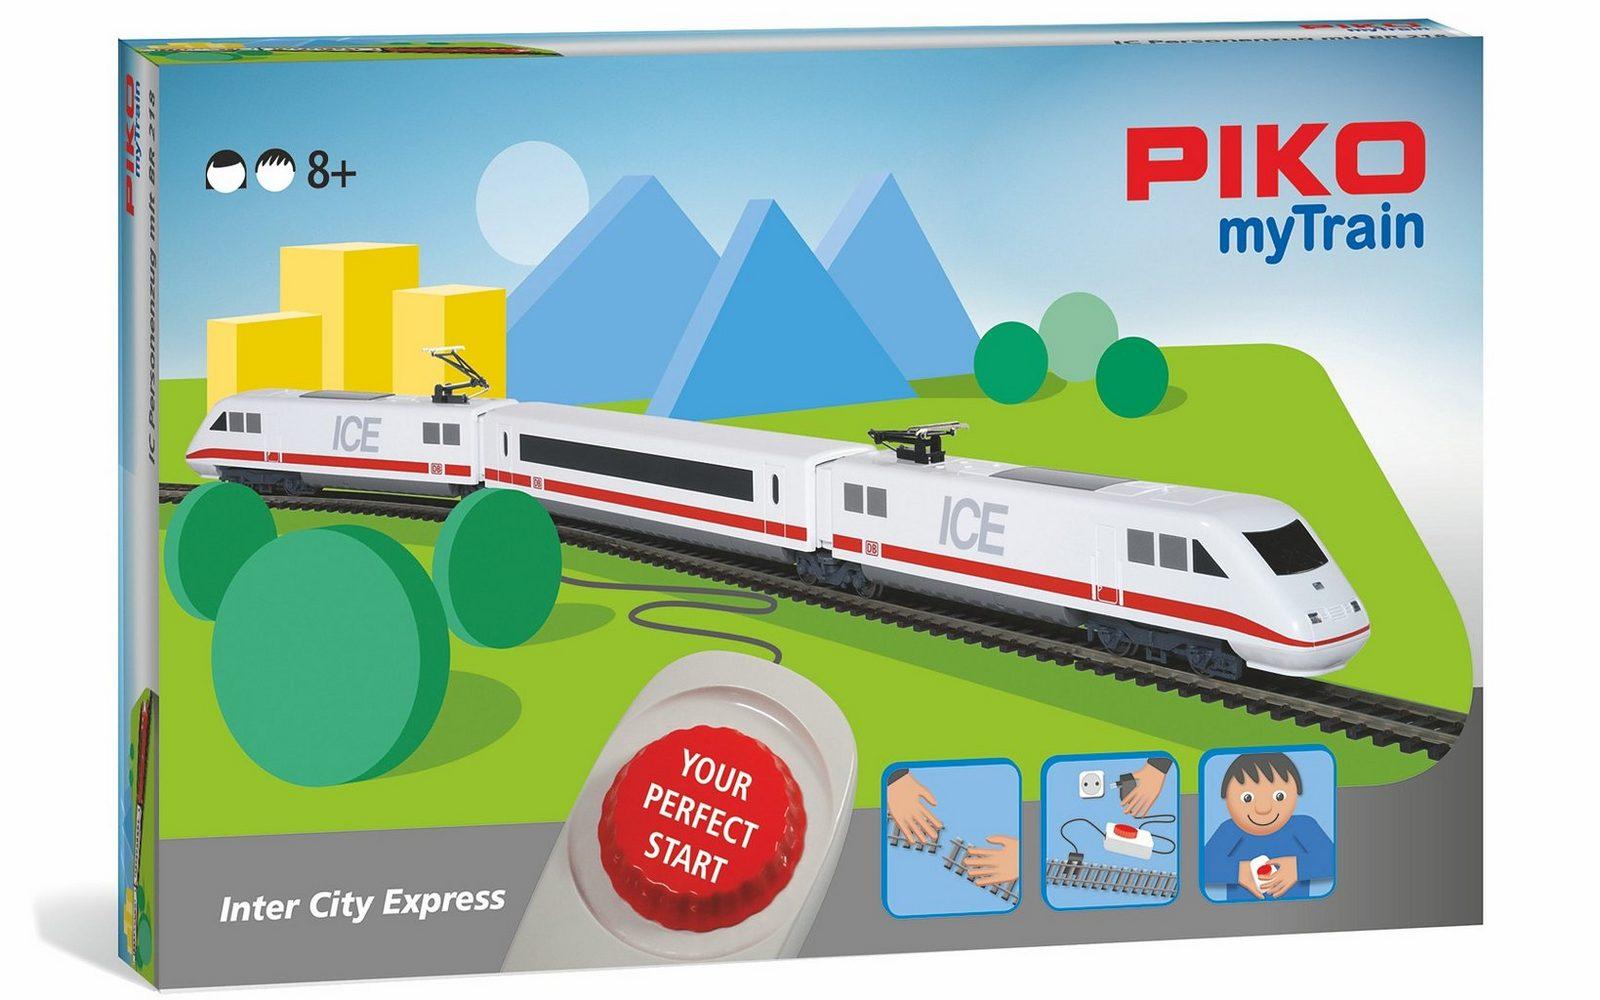 PIKO Modelleisenbahn Startset, »PIKO myTrain, ICE, DB - Gleichstrom« Spur H0 - broschei